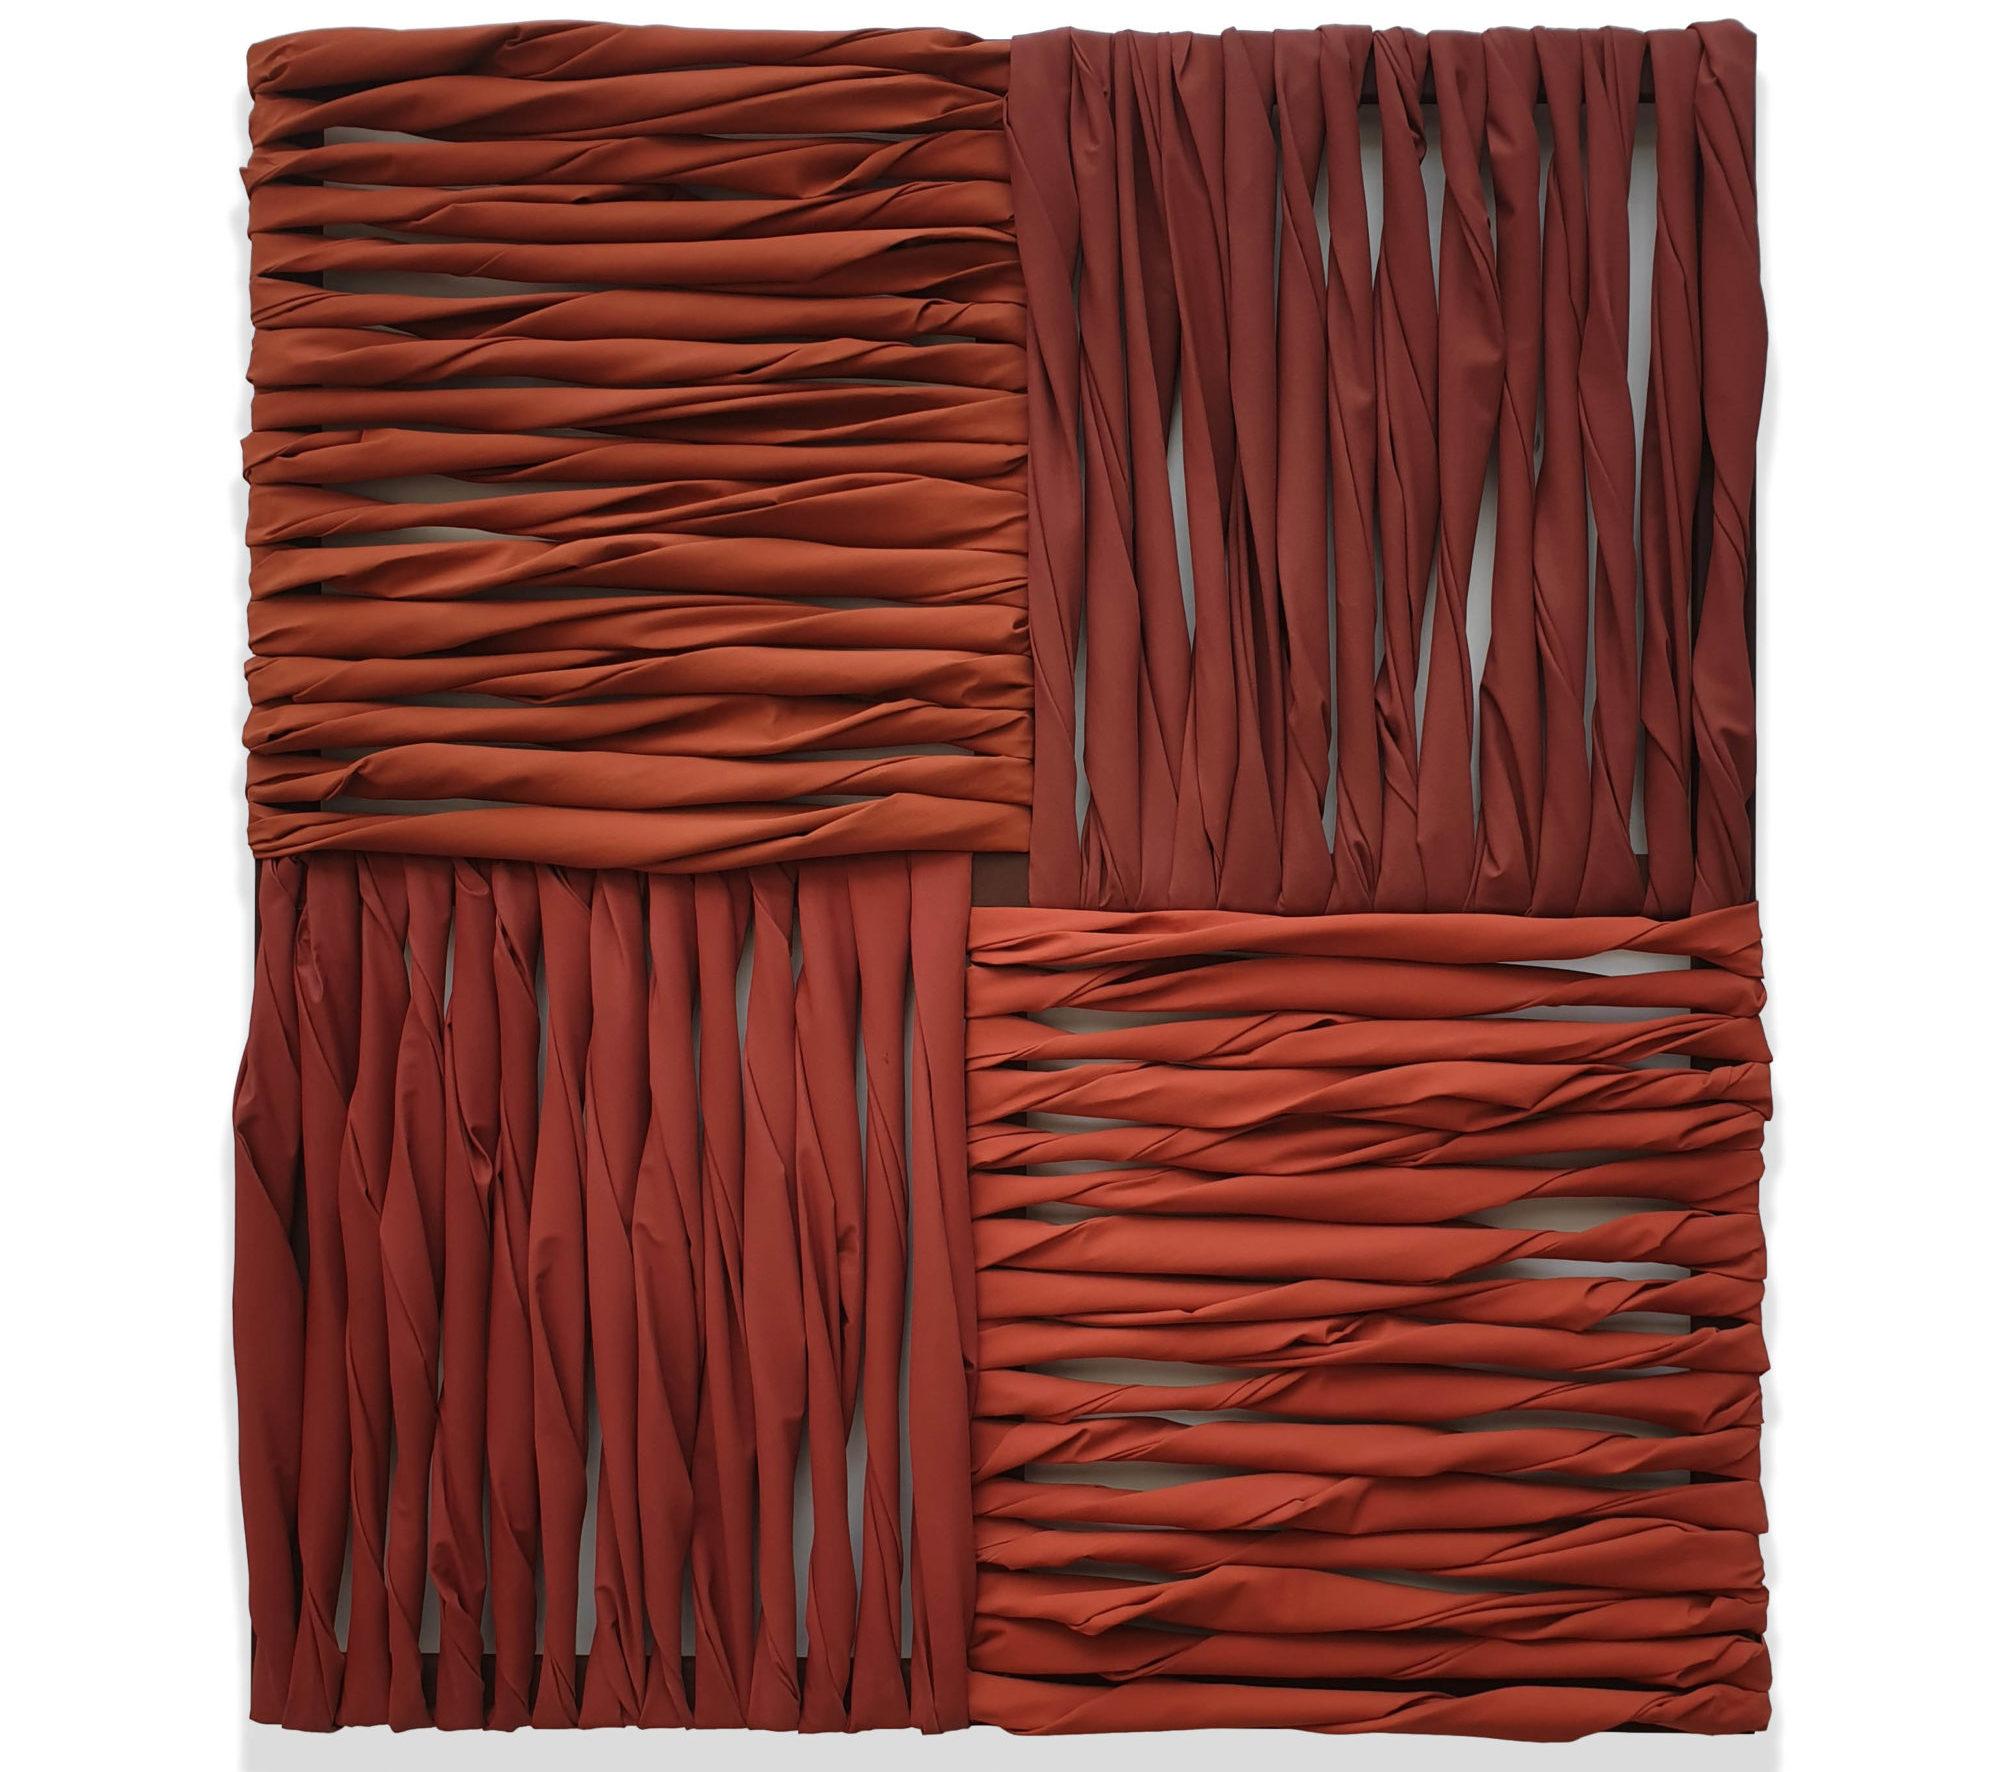 Wall of Canvas (Archeologia del Rosso), pigmento acrilico su tela e telai, 185 x 165 x 13 cm, 2020 – Courtesy Bislacchi Studio